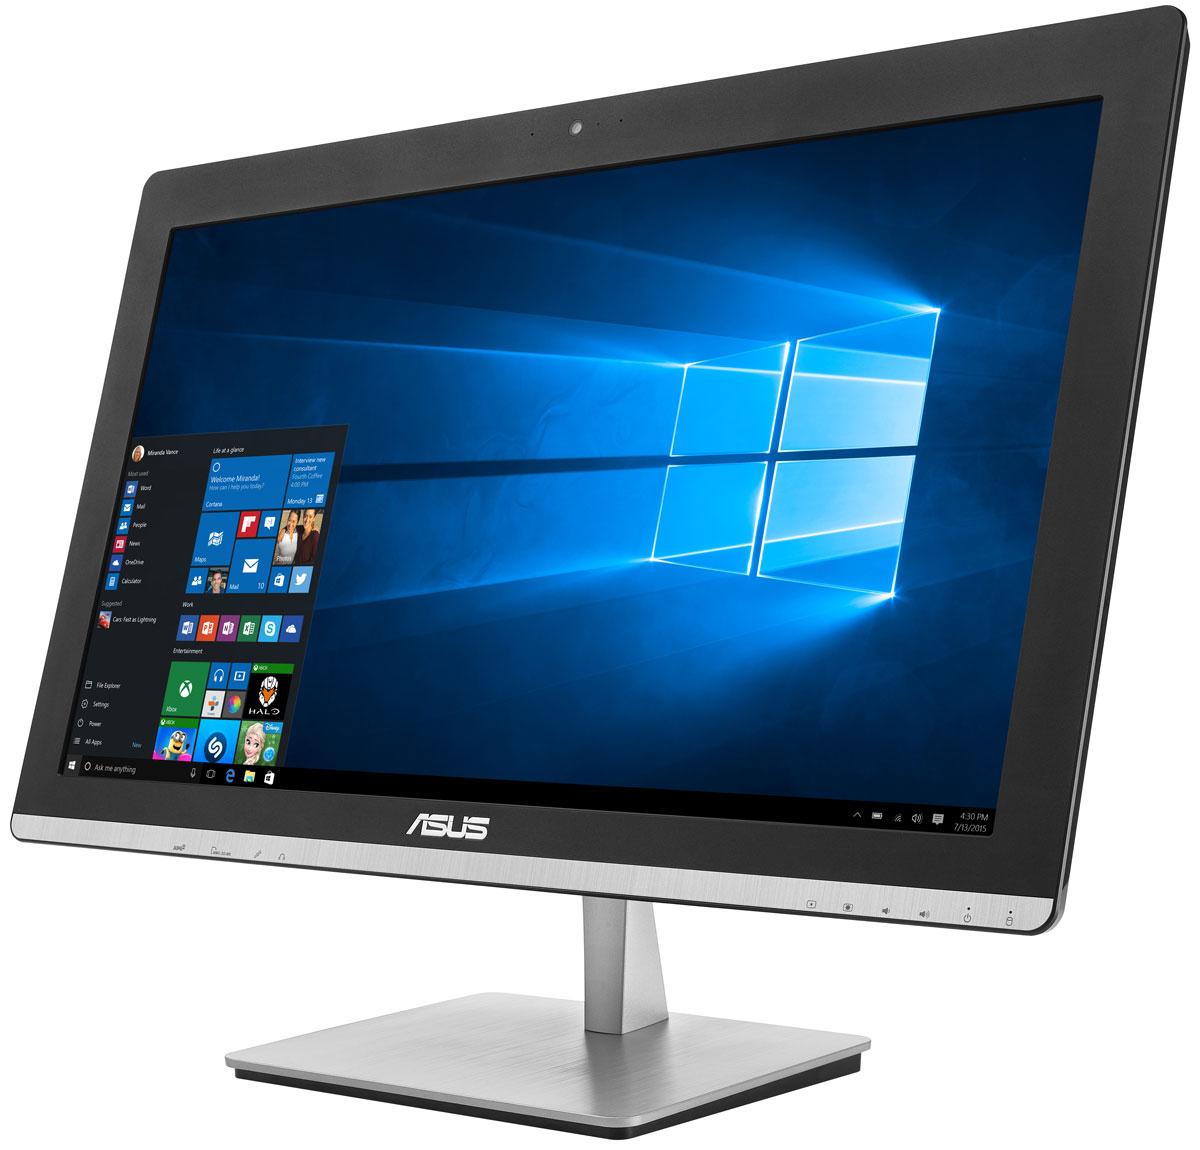 ASUS Vivo AiO V230ICGK, Black моноблок (V230ICGK-BC219X)V230ICGK-BC219XAsus V230ICGK - это полноценный моноблочный компьютер, включающий в себя дисплей, процессор, видеокарту, оперативную и пользовательскую память. Он выполнен в красивом корпусе, который будет удачно смотреться в домашнем интерьере. Компактное полнофункциональное устройство, такое как моноблочный компьютер Asus V230ICGK, идеально подходит для современного дома, поскольку его можно использовать для самых различных приложений, как рабочих, так и развлекательных, при этом не засоряя домашний интерьер множеством кабелей и дополнительных приспособлений. Изящная подставка прочно удерживает моноблочный компьютер на месте. В отличие от подставок аналогичных моделей, ее верхний конец прикреплен к задней панели дисплея, а не к его основанию. Моноблочный компьютер Asus V230ICGK оснащается процессором Intel Core i7 шестого поколения, который показывает высокую производительность при низком энергопотреблении. С ним можно комфортно выполнять любые...